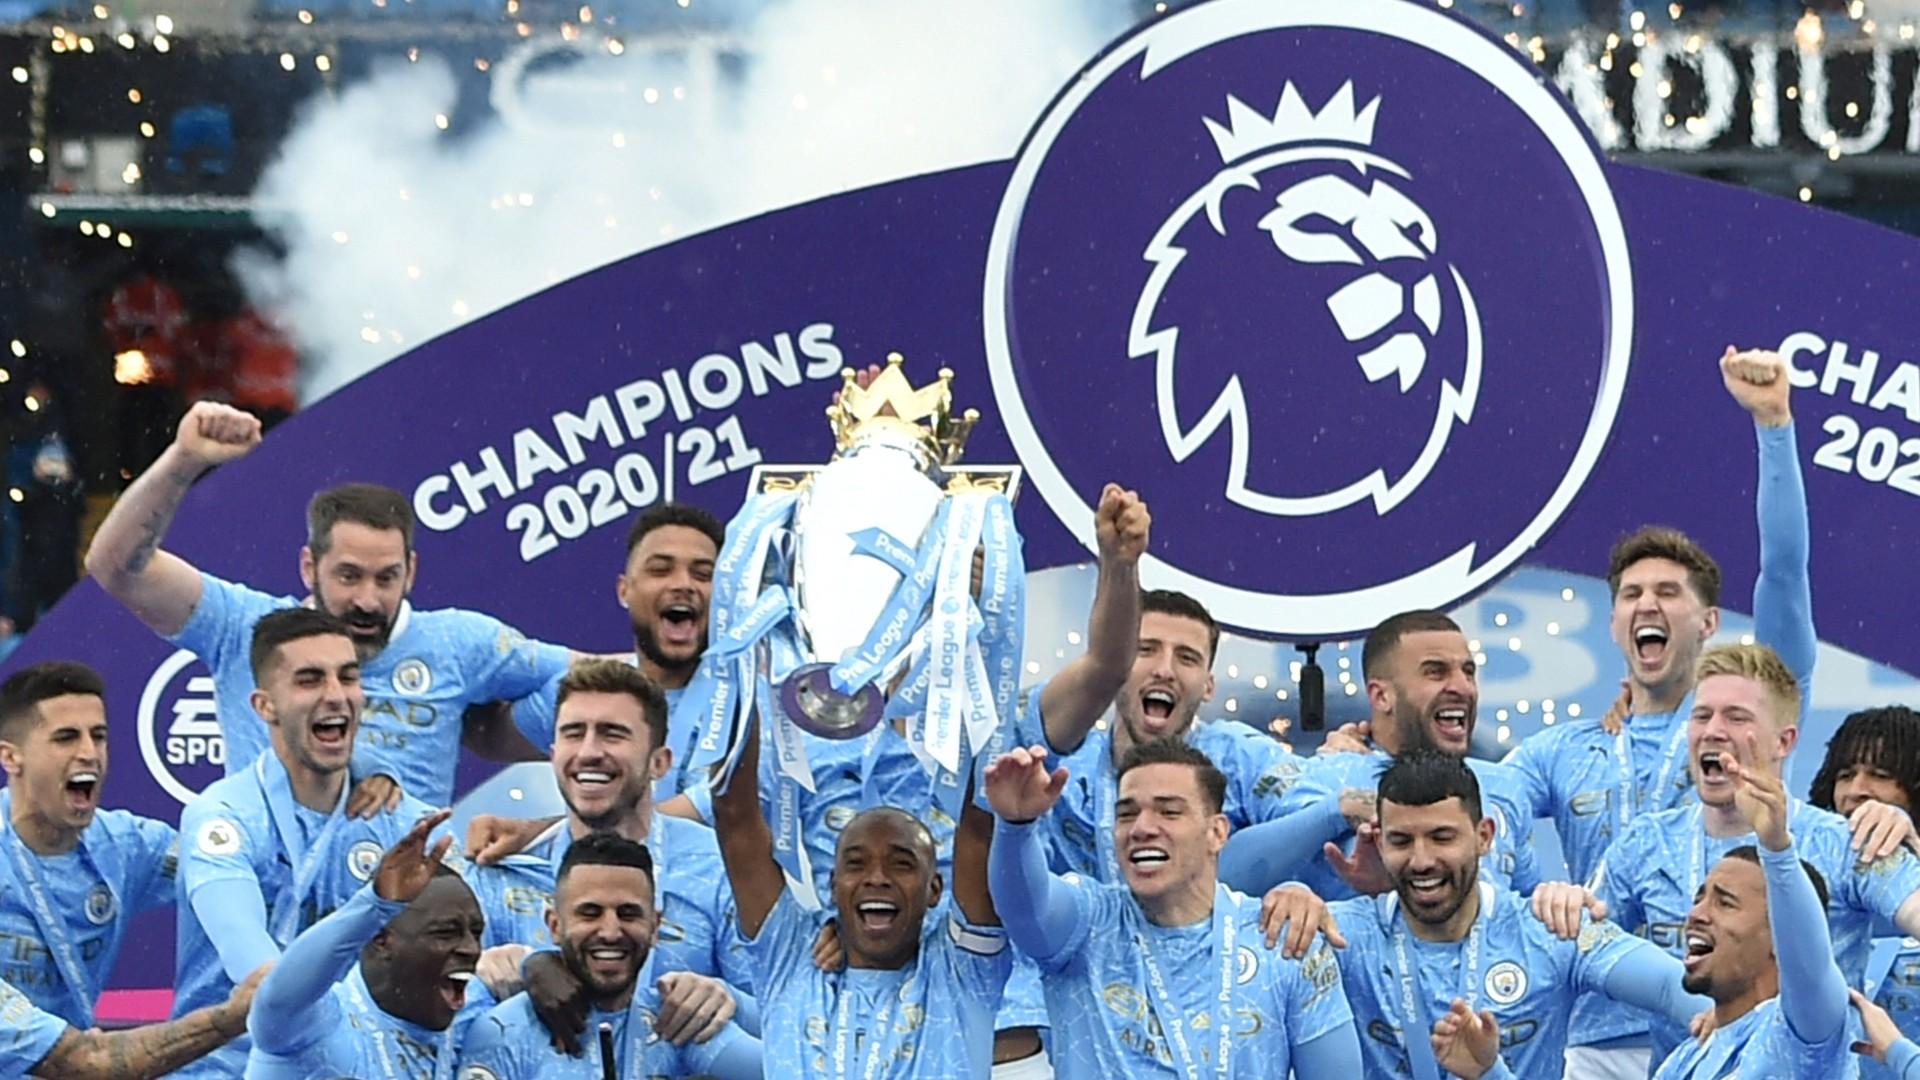 Manchester-city-celebration_1rdz07ia8haj18w0d4ew0sswi